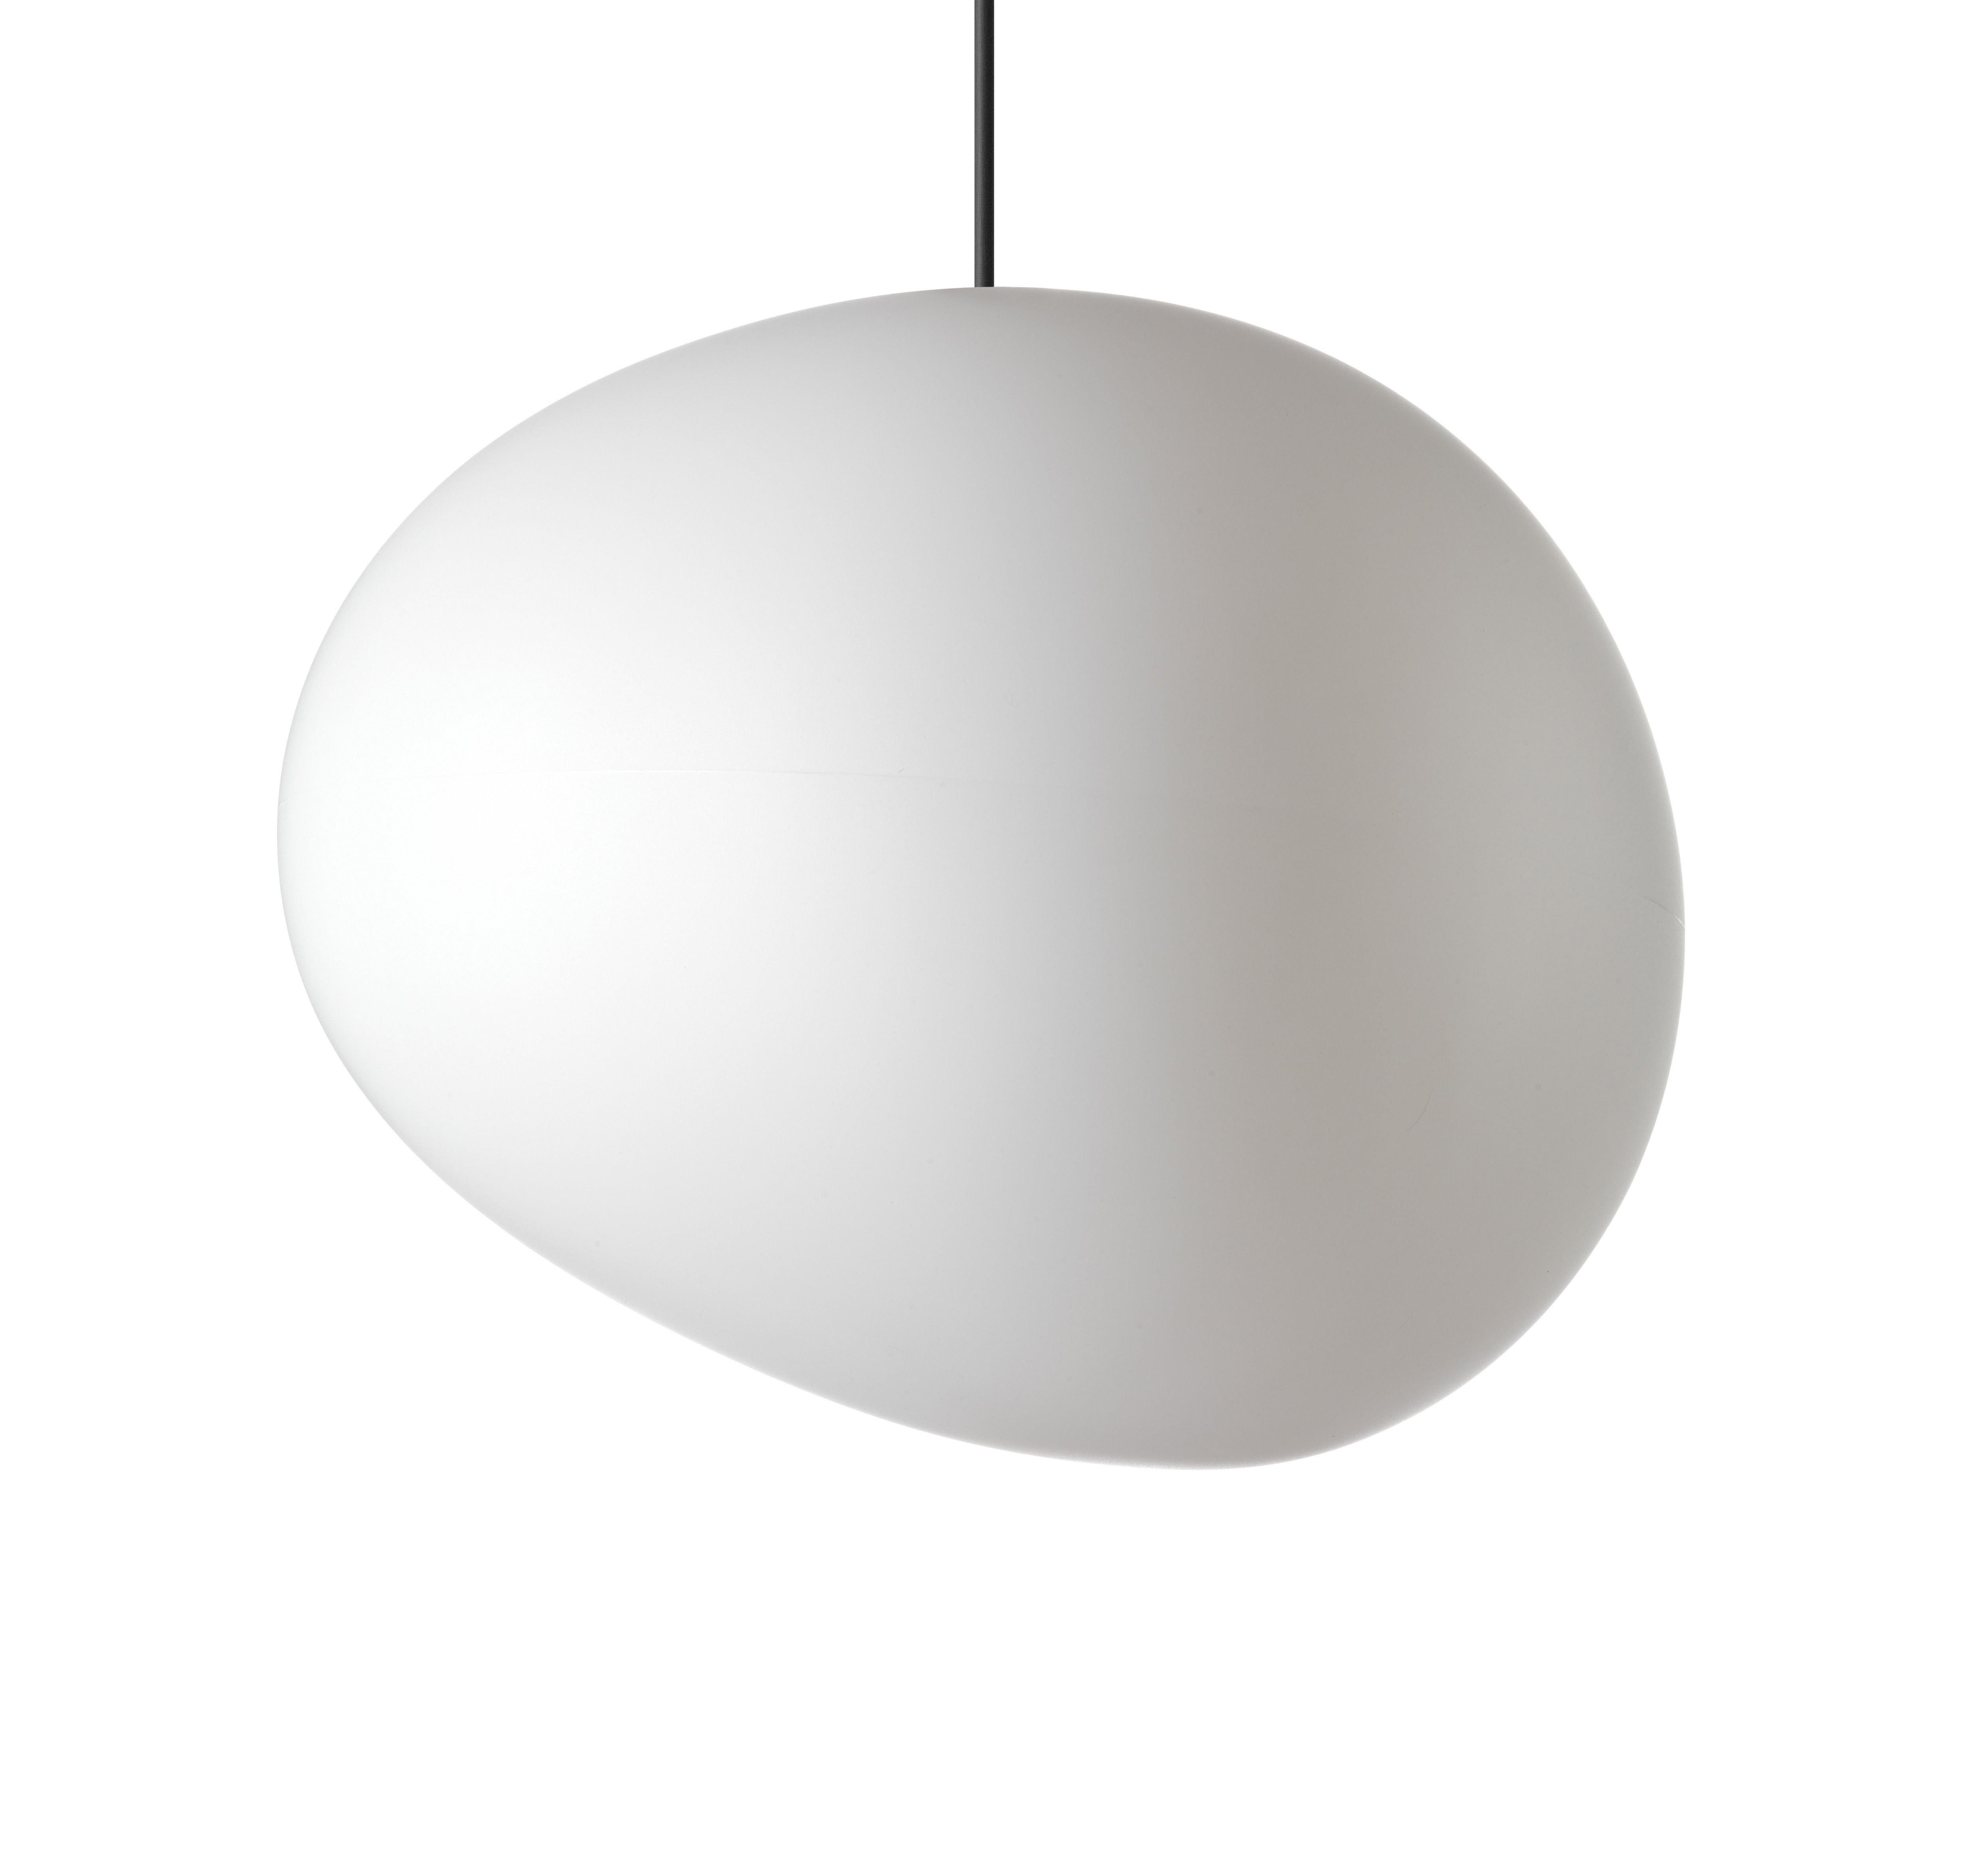 Foscarini gregg x large outdoor lamp deplain foscarini gregg x large outdoor lamp arubaitofo Gallery